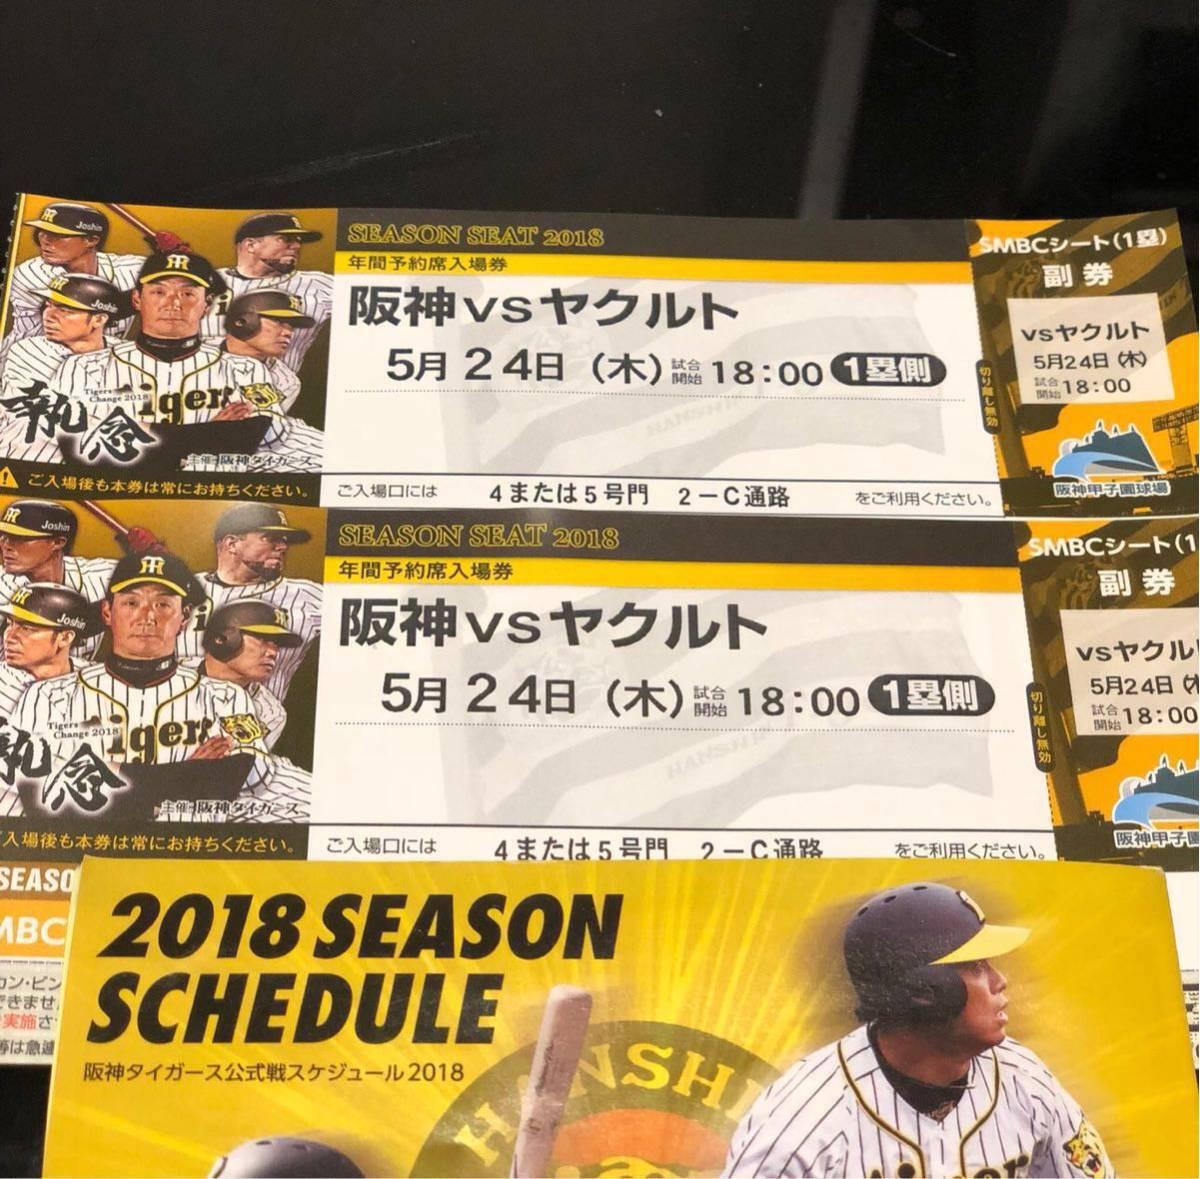 阪神甲子園球場 阪神VS ヤクルト5月24日(木)SMBCシート通路側ペア